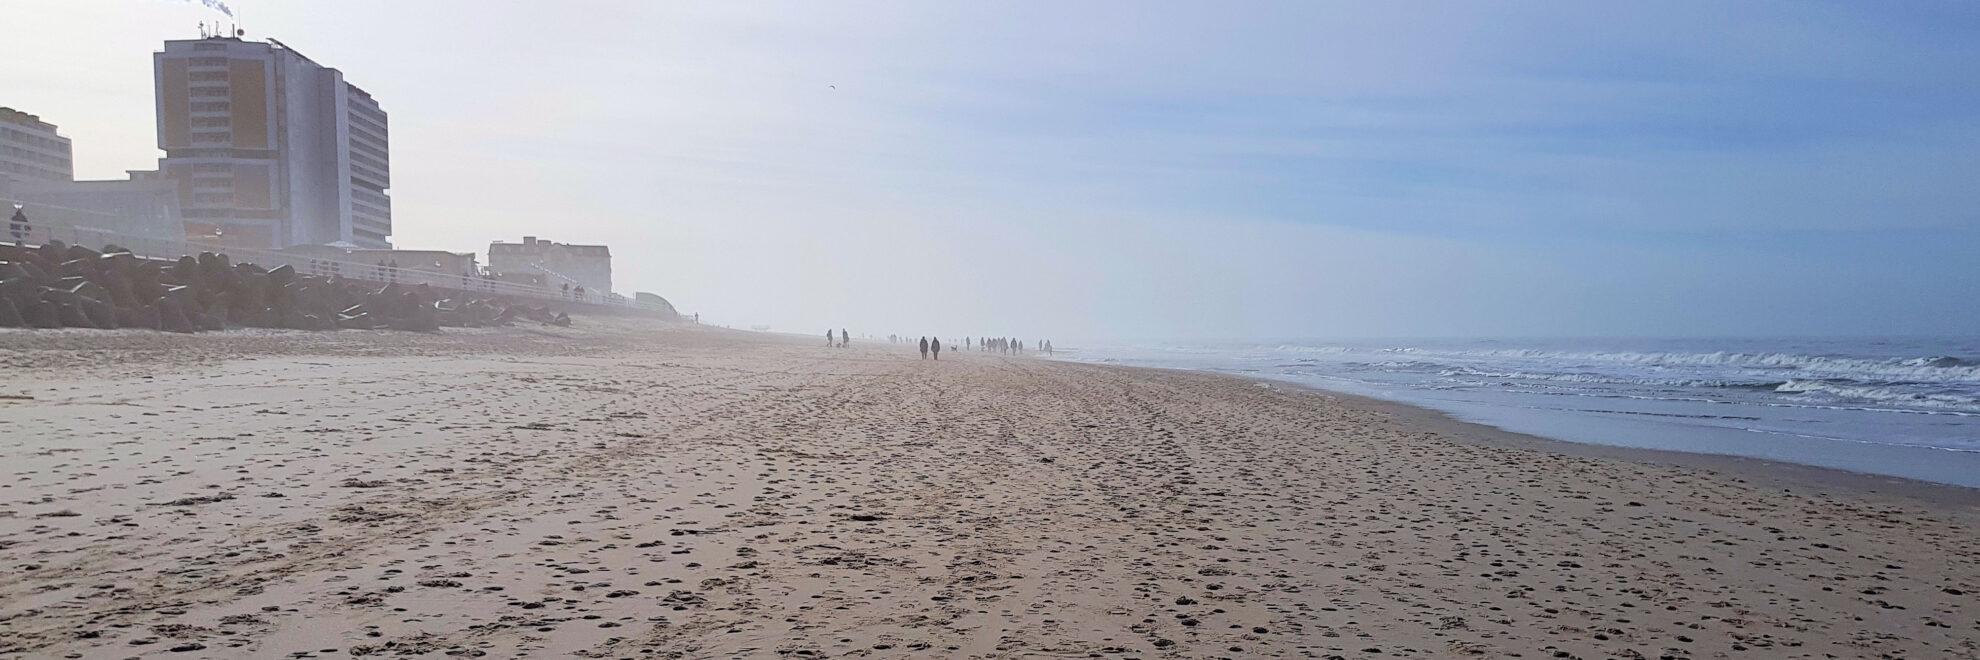 Sylt: Am Strand von Westerland